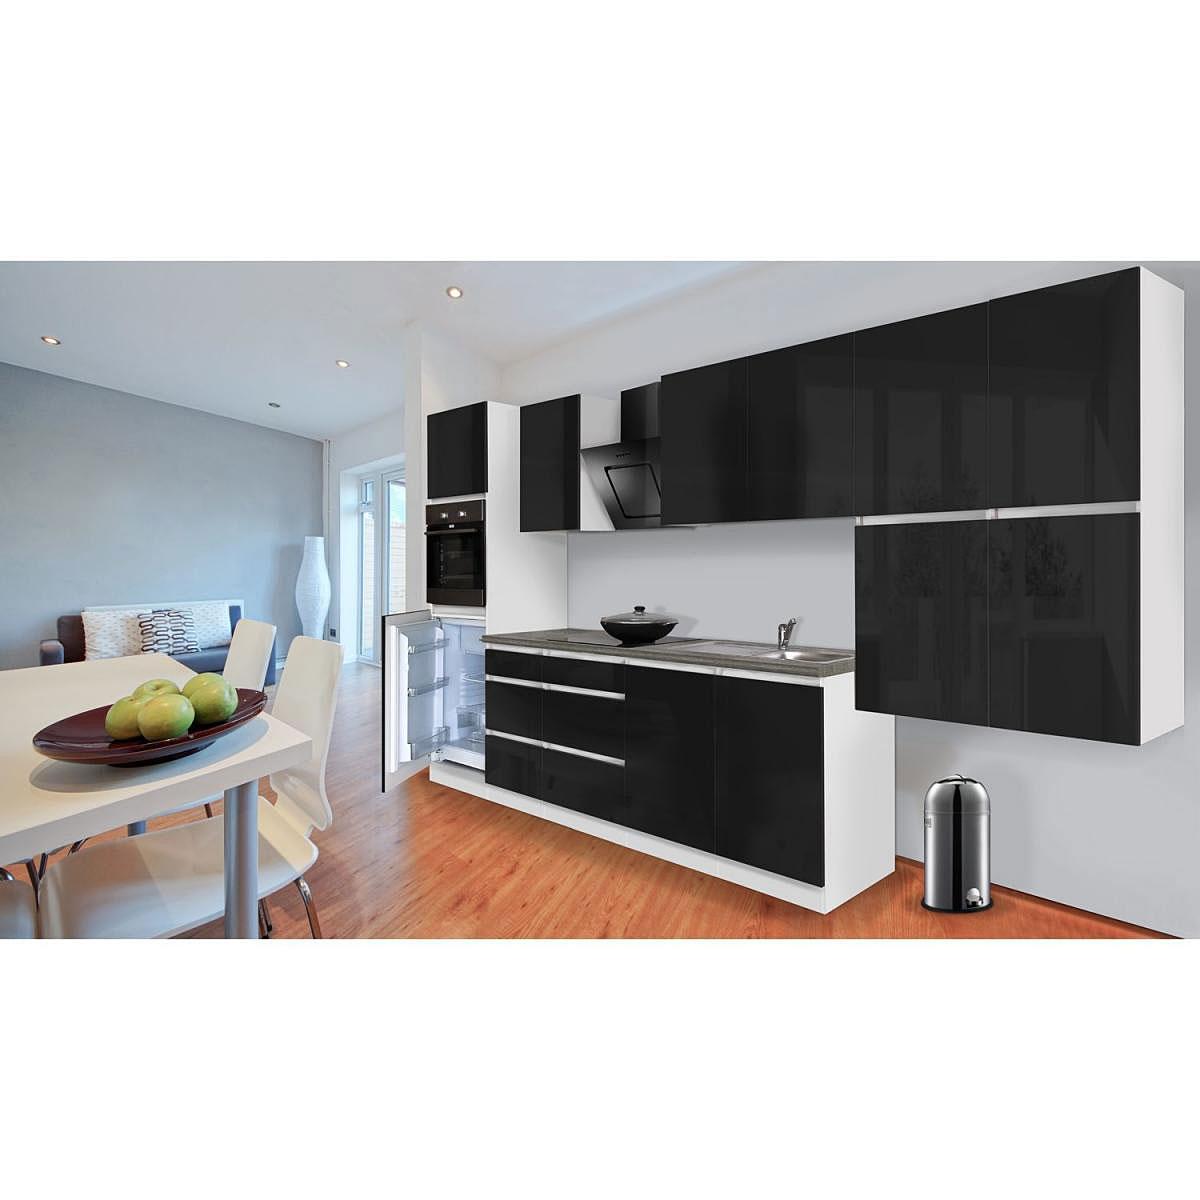 Grifflose Küchenzeile 370 cm Hochbau Schwarz